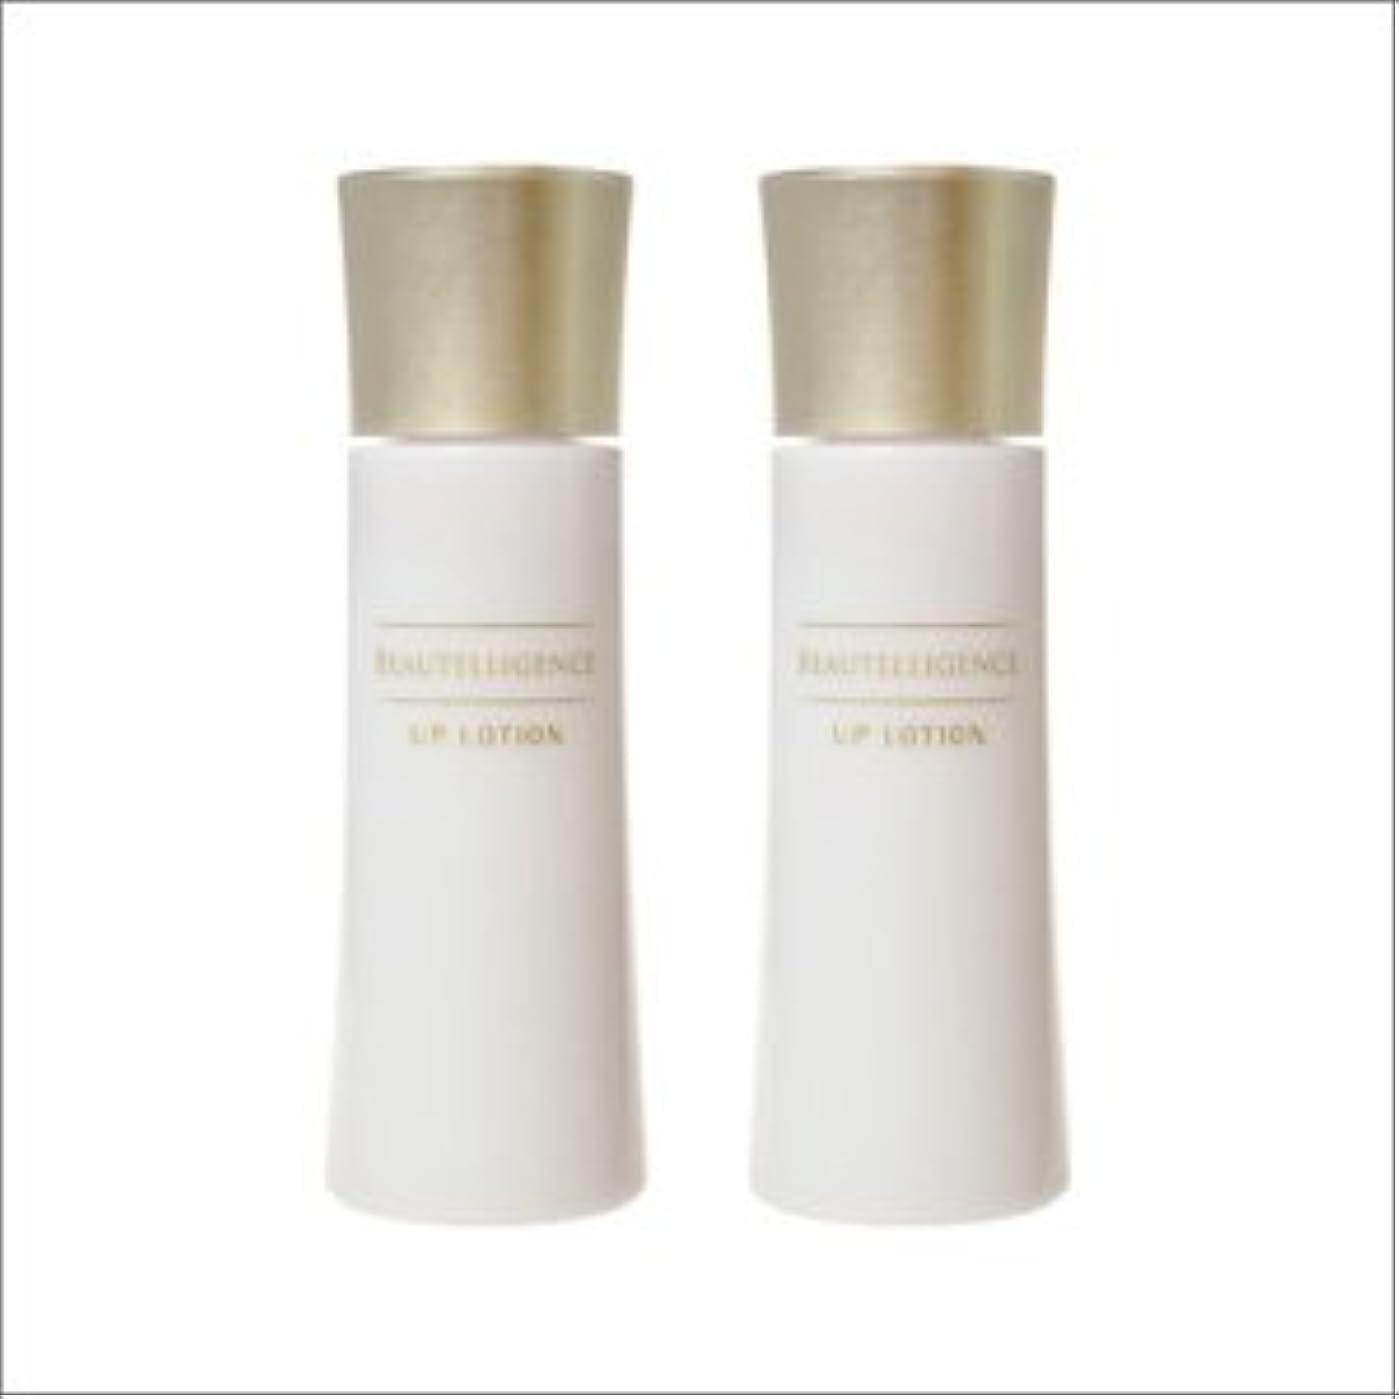 教育チラチラする限られた2本セット アップローション ひきしめ 化粧水 美容液 ハリ NEWA オシリフト グリシルグリシンエイジングケア